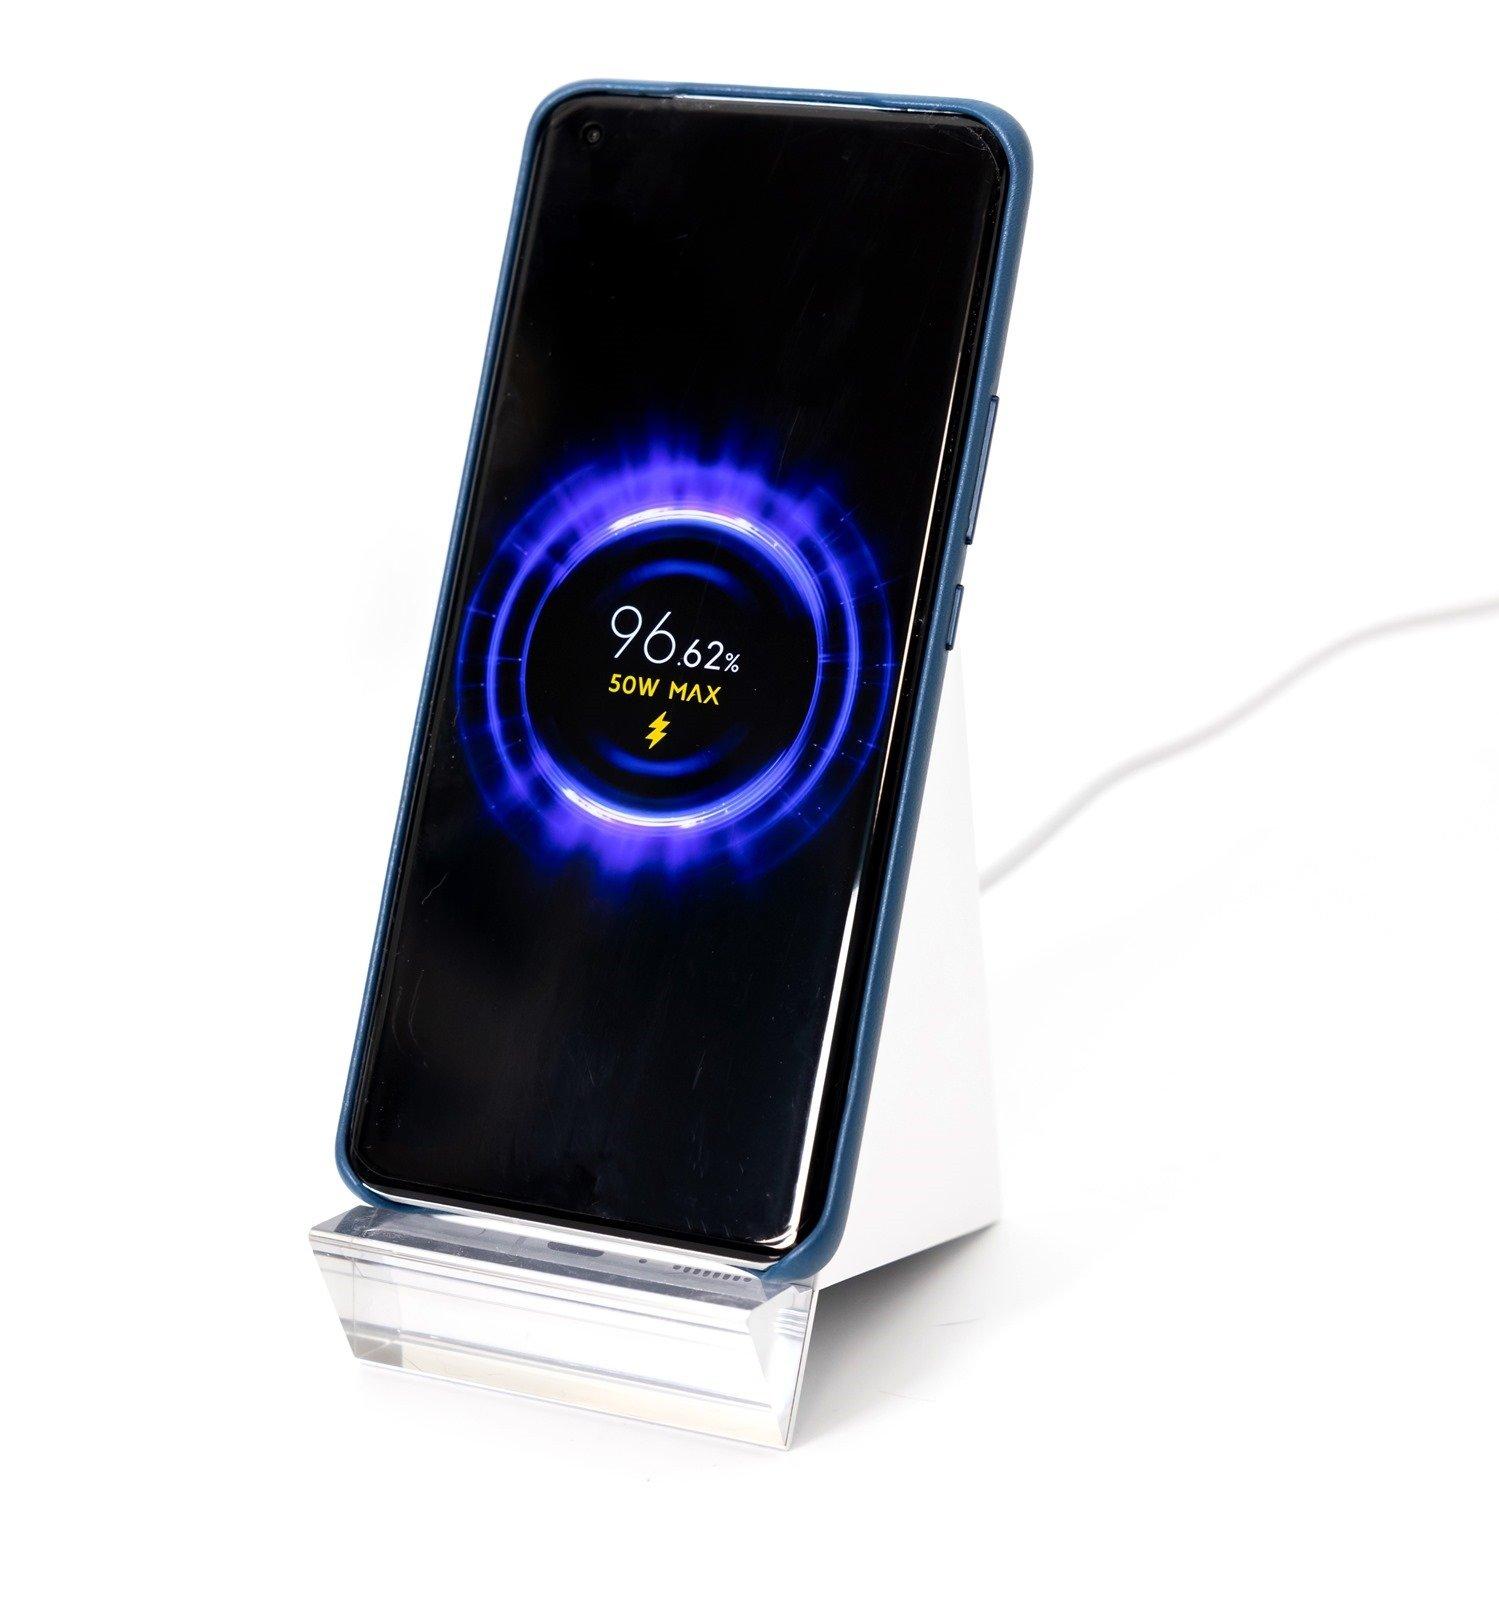 小米 11 Ultra 至尊版 (1) 開箱 + 性能電力測試 / 有線無線充電測試 / Google Play 安裝 @3C 達人廖阿輝